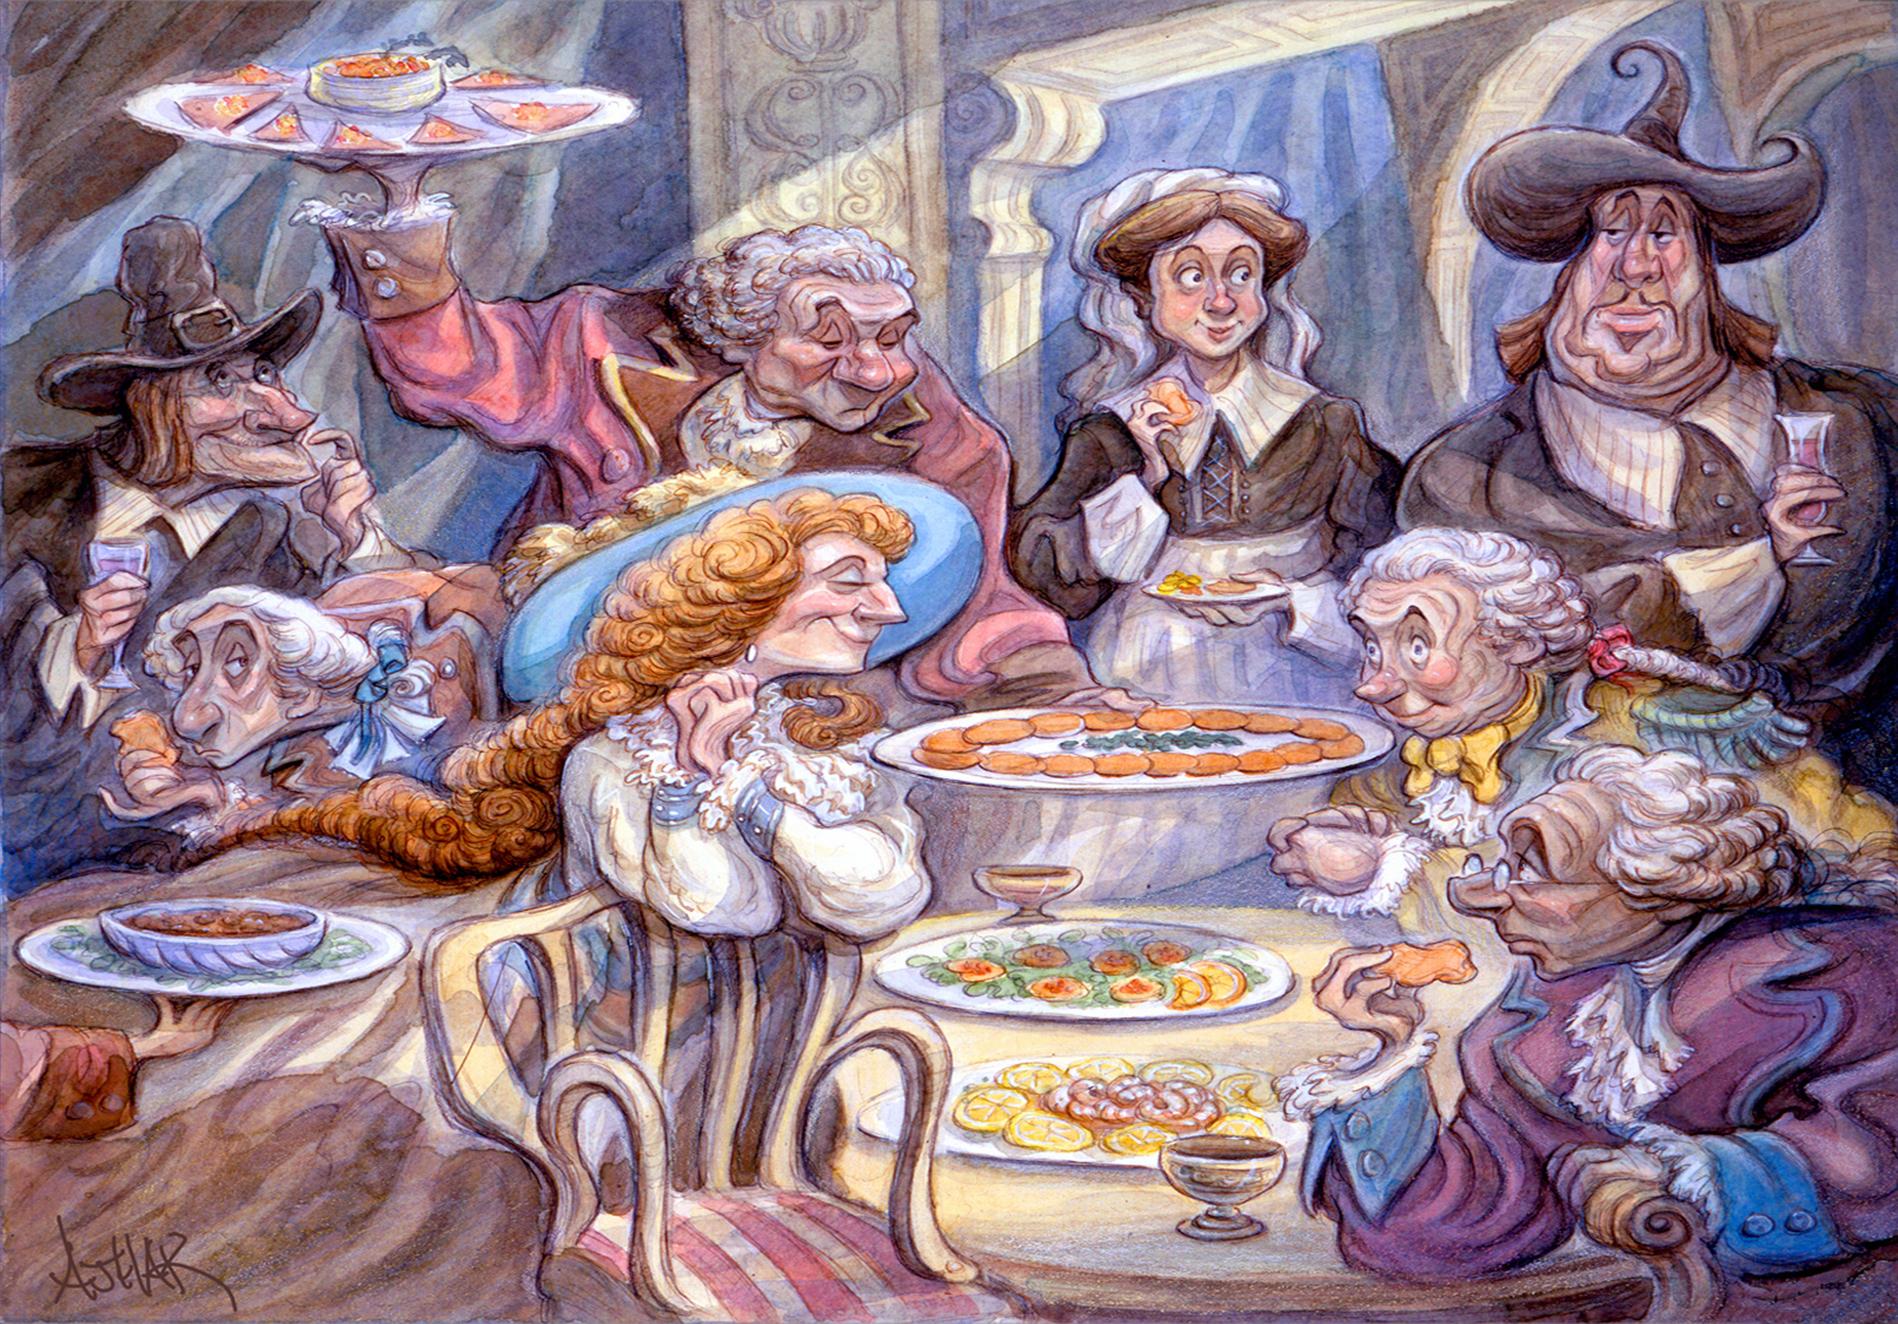 029.MayflowerMunchies.BonApetiteMag.jpg